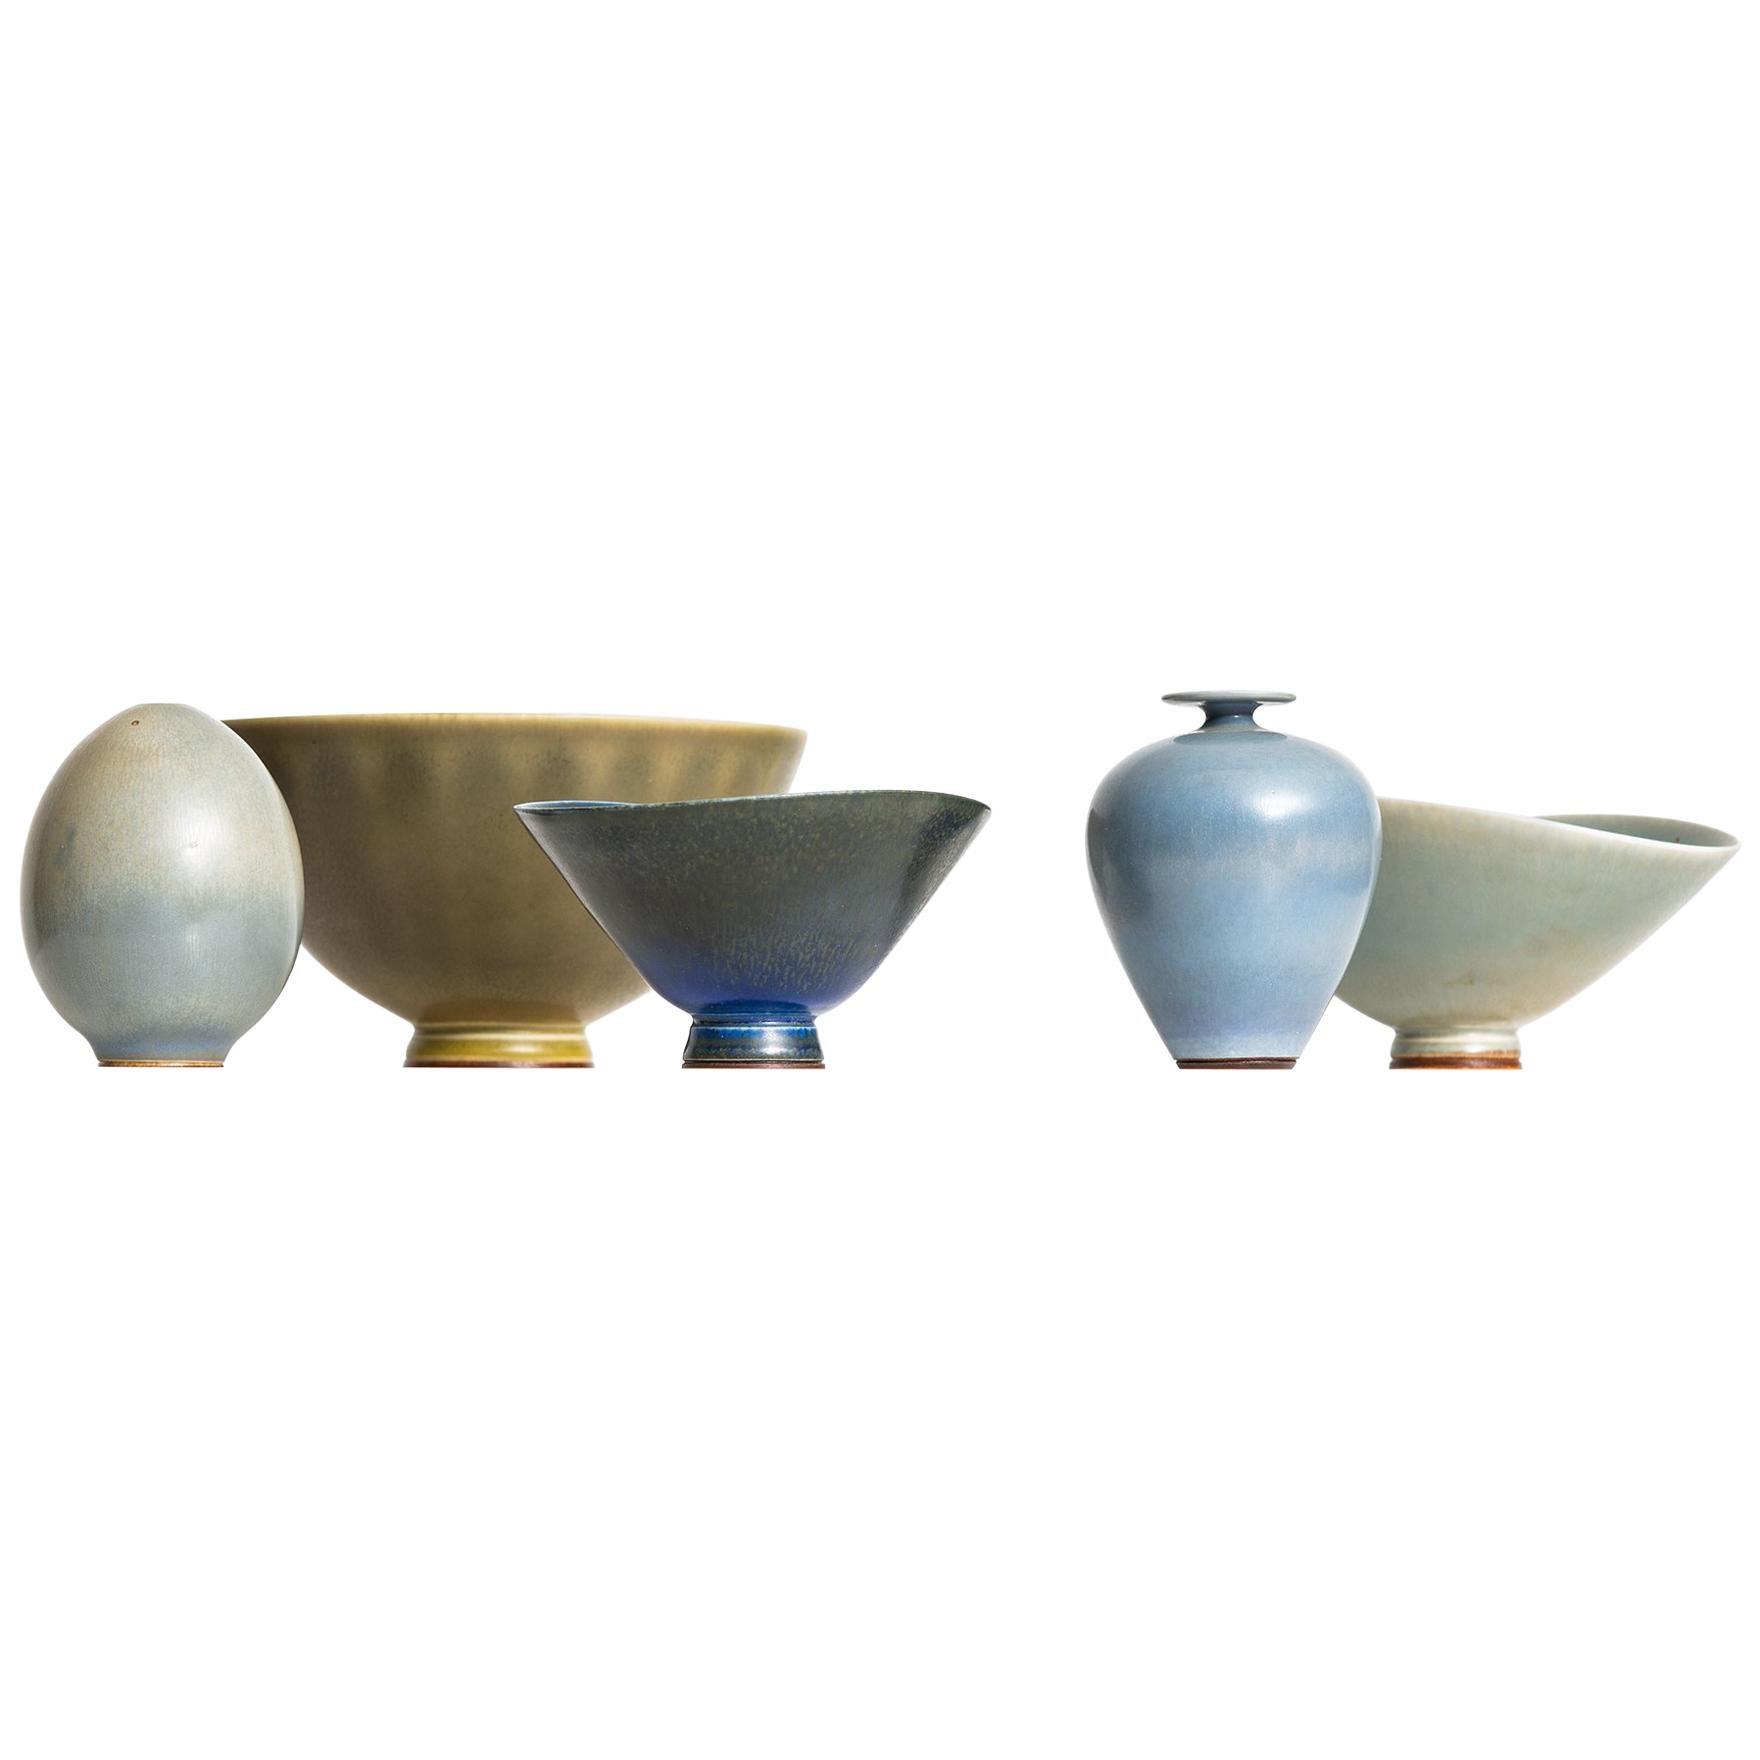 Berndt Friberg Ceramic Vases by Gustavsberg in Sweden